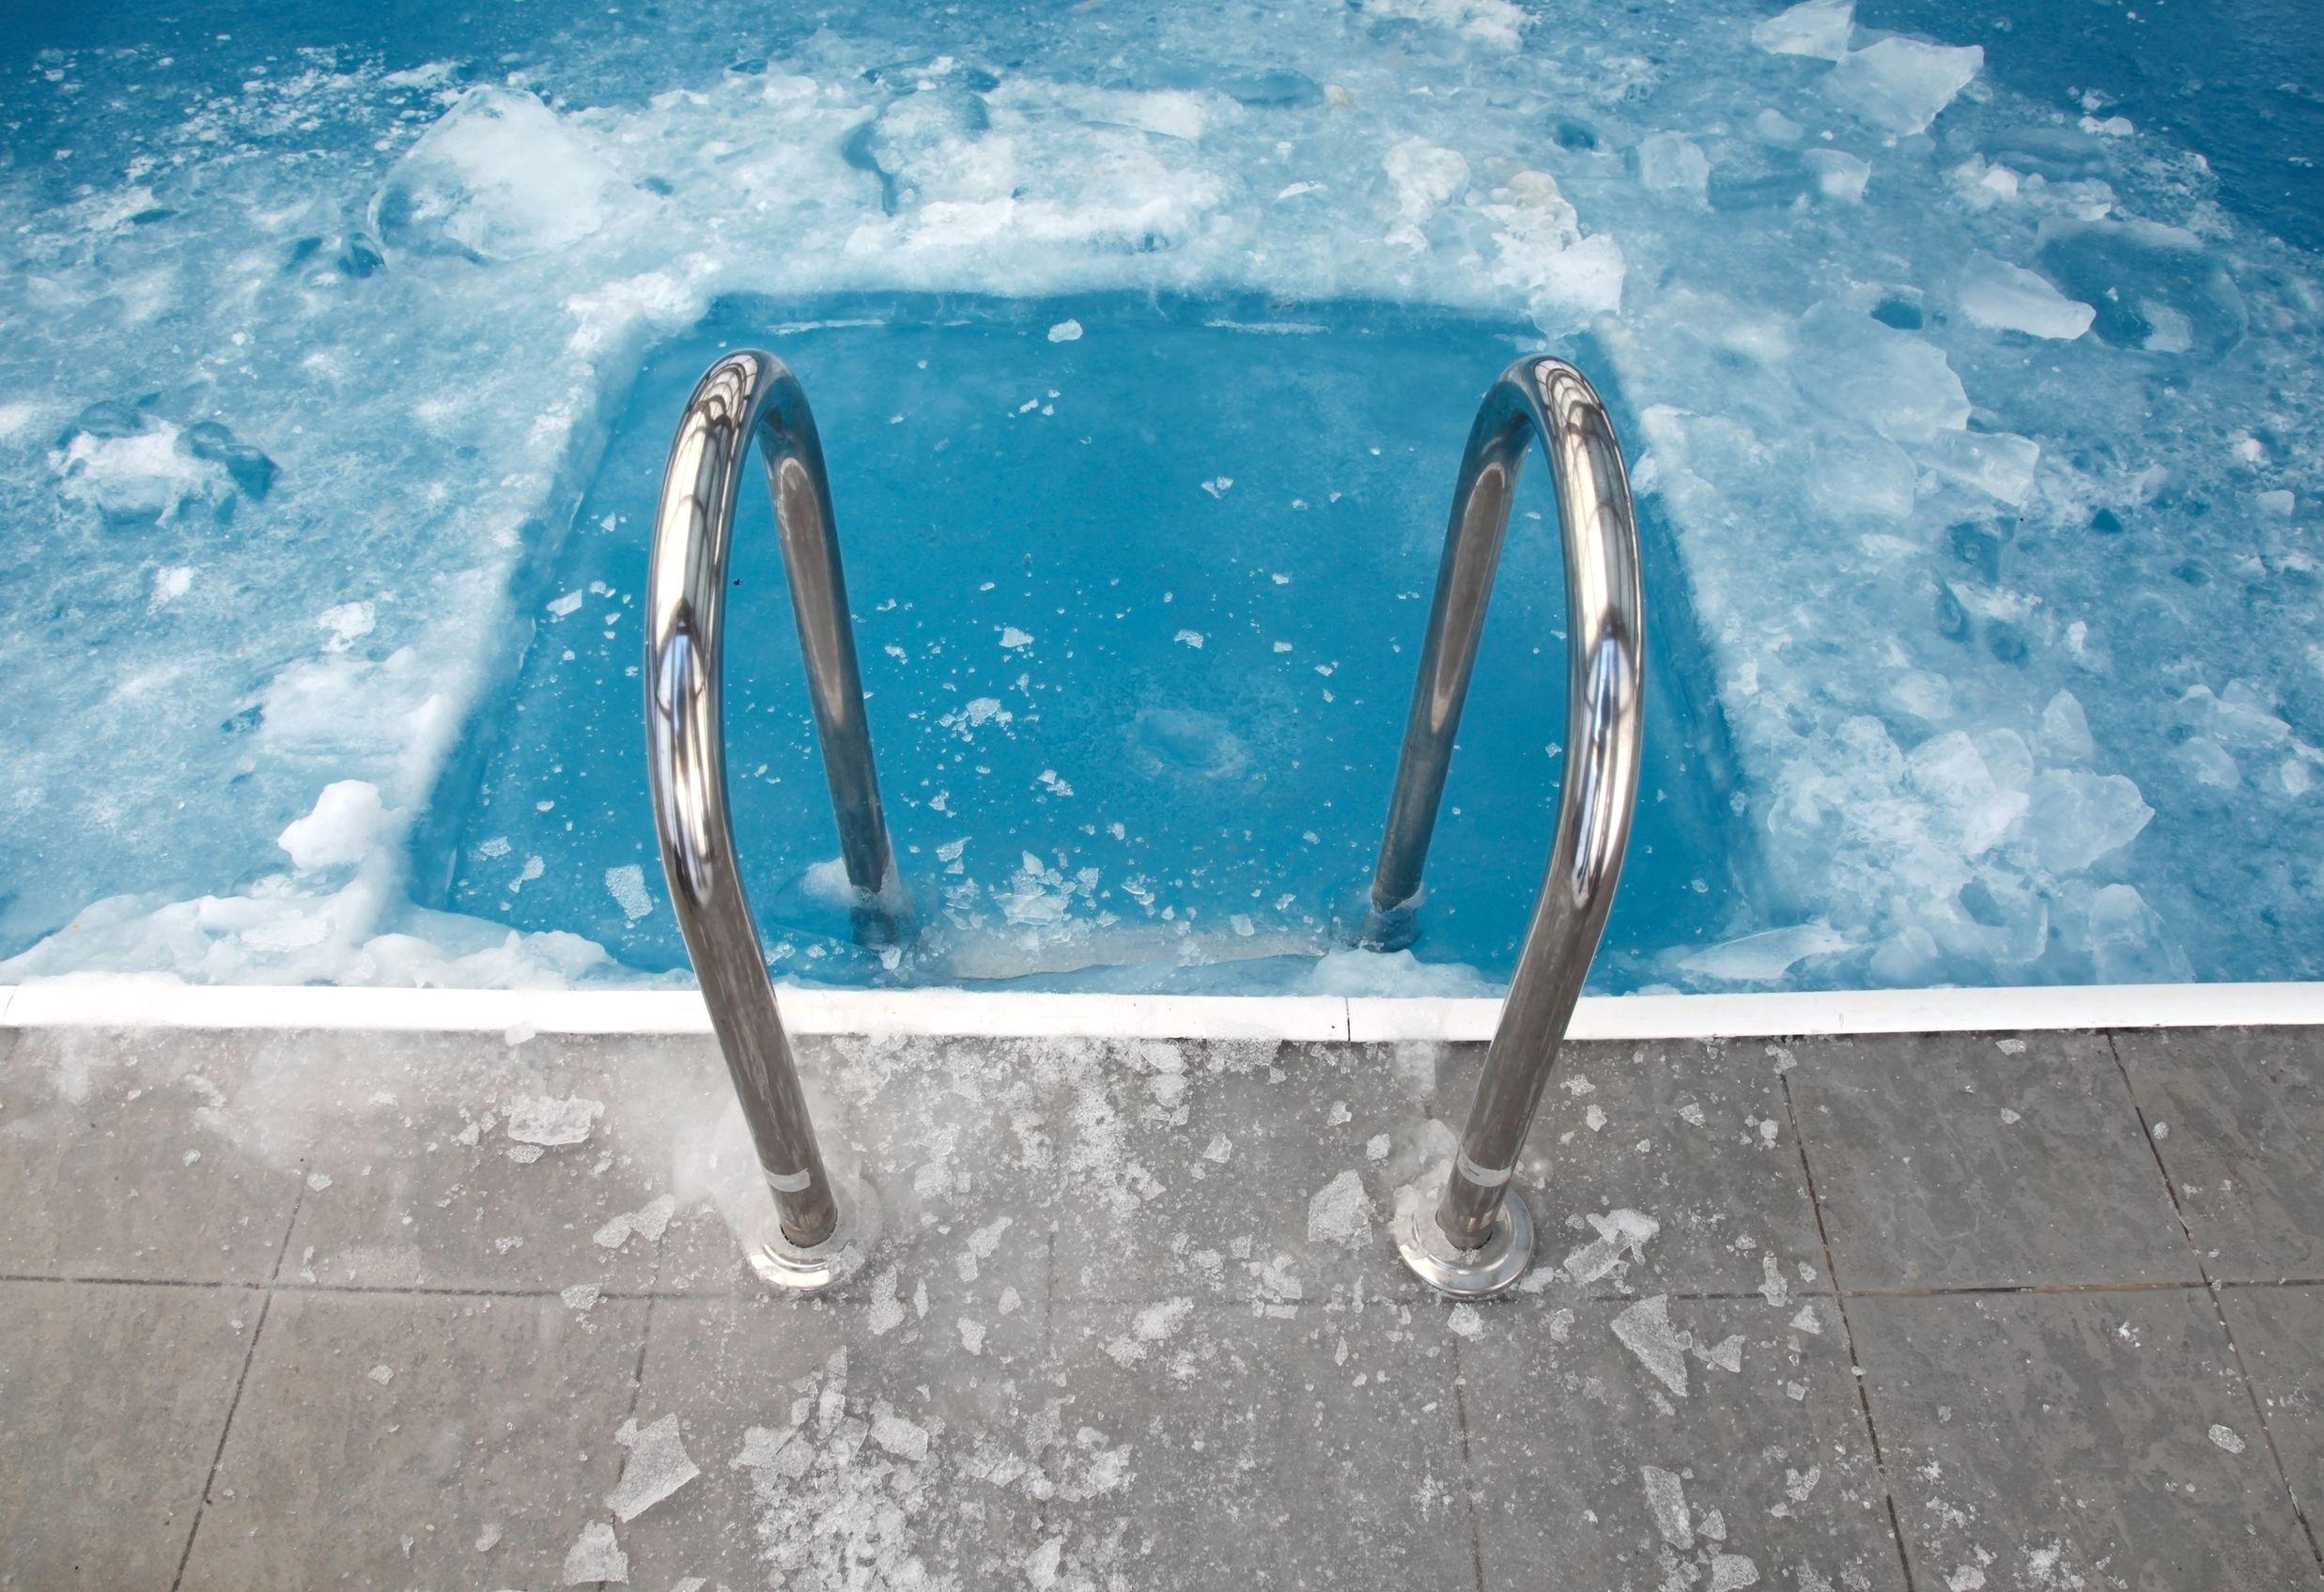 3 consejos para cuidar la piscina en invierno